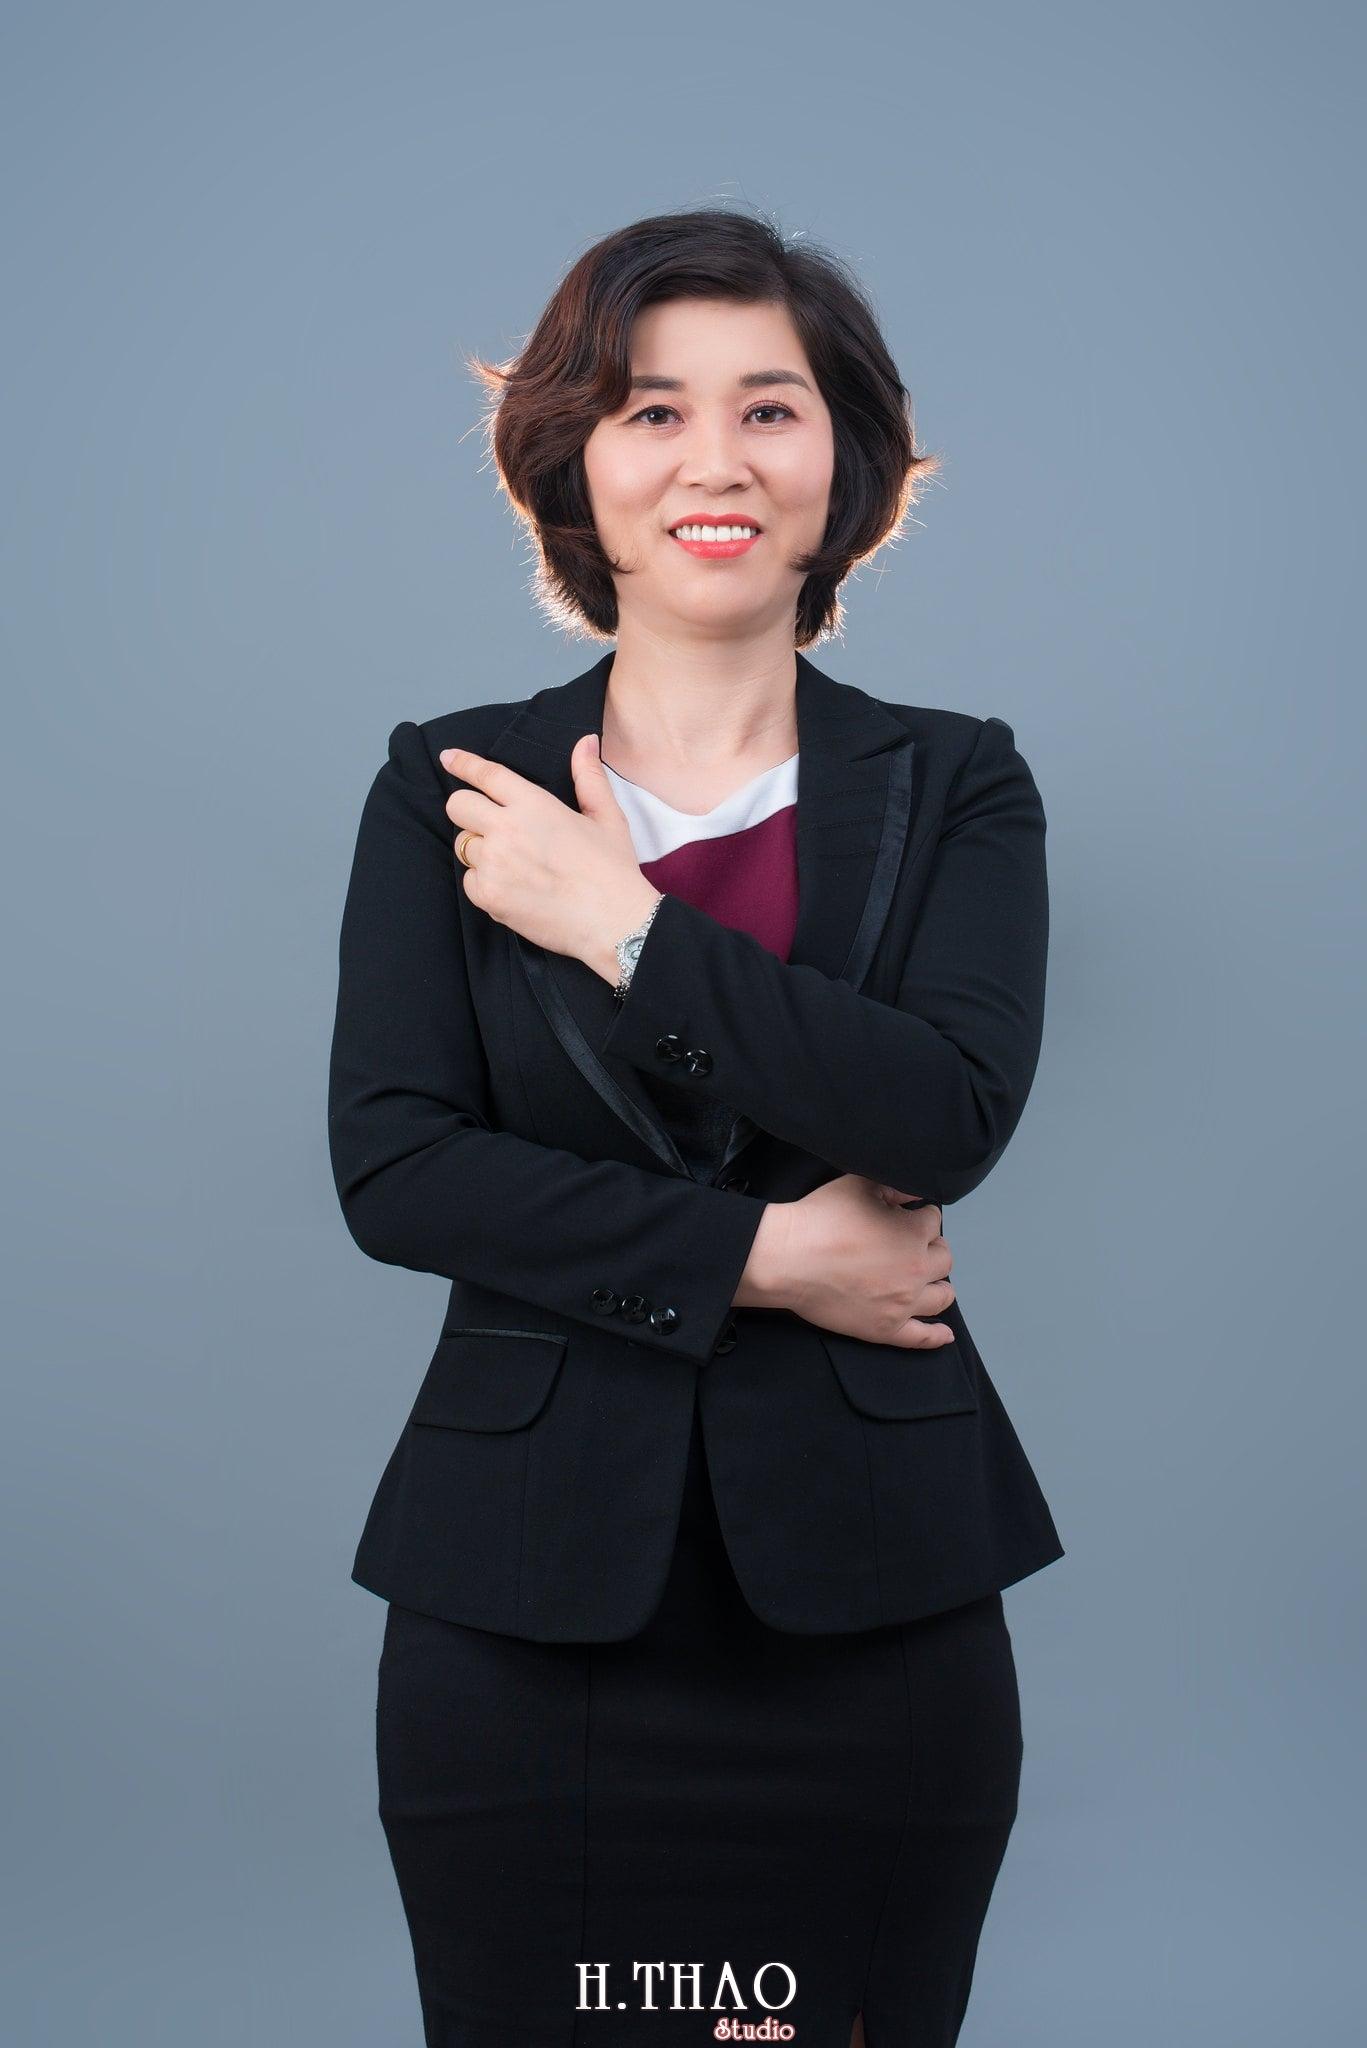 chan dung nu 1 - Album ảnh doanh nhân chị Quỳnh sang trọng, quý phái - HThao Studio